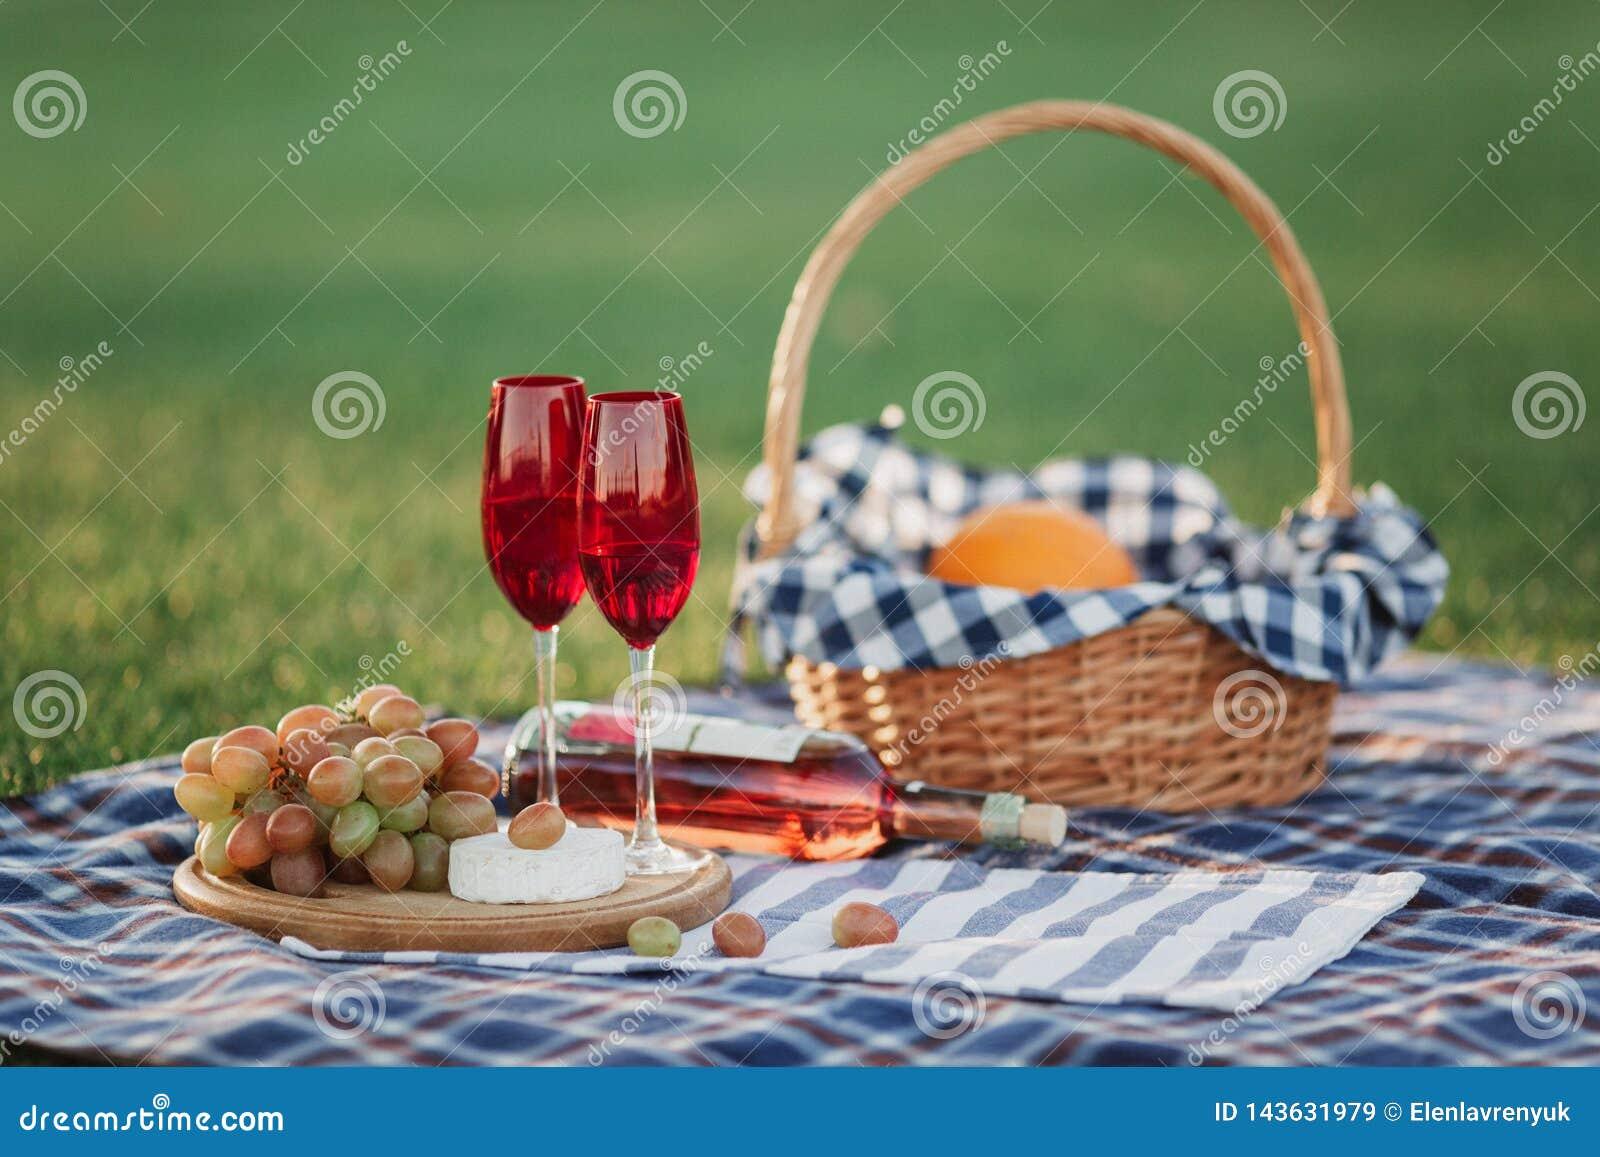 Picknickkorb mit Getränken, Nahrung und Frucht auf Außenseite des grünen Grases im Sommerpark